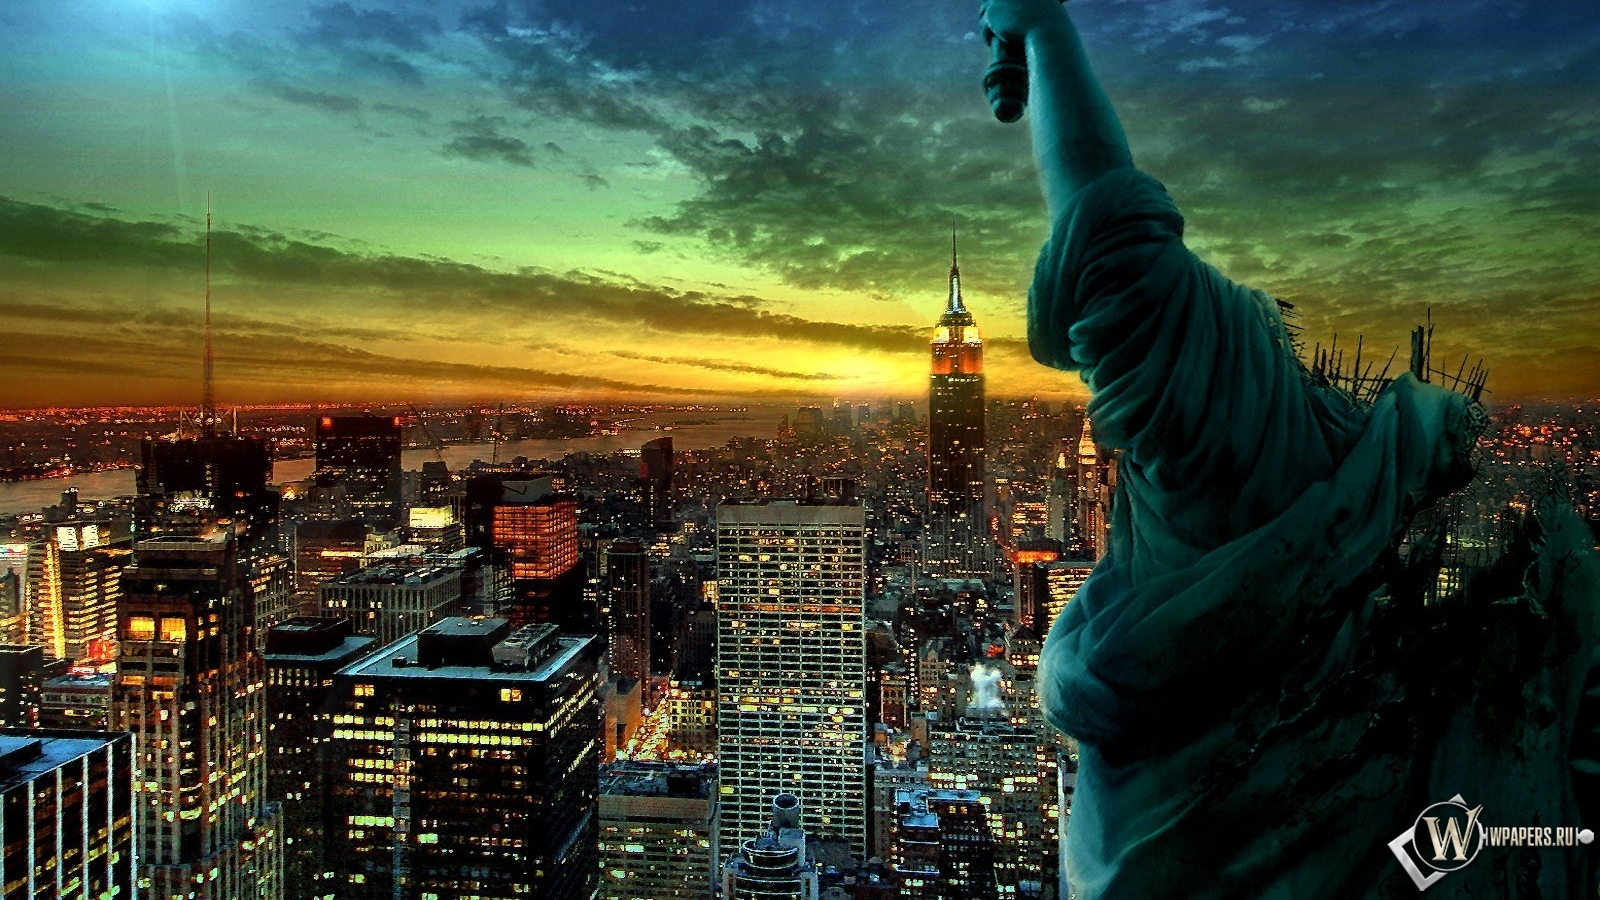 Обои ночной нью йорк на рабочий стол с